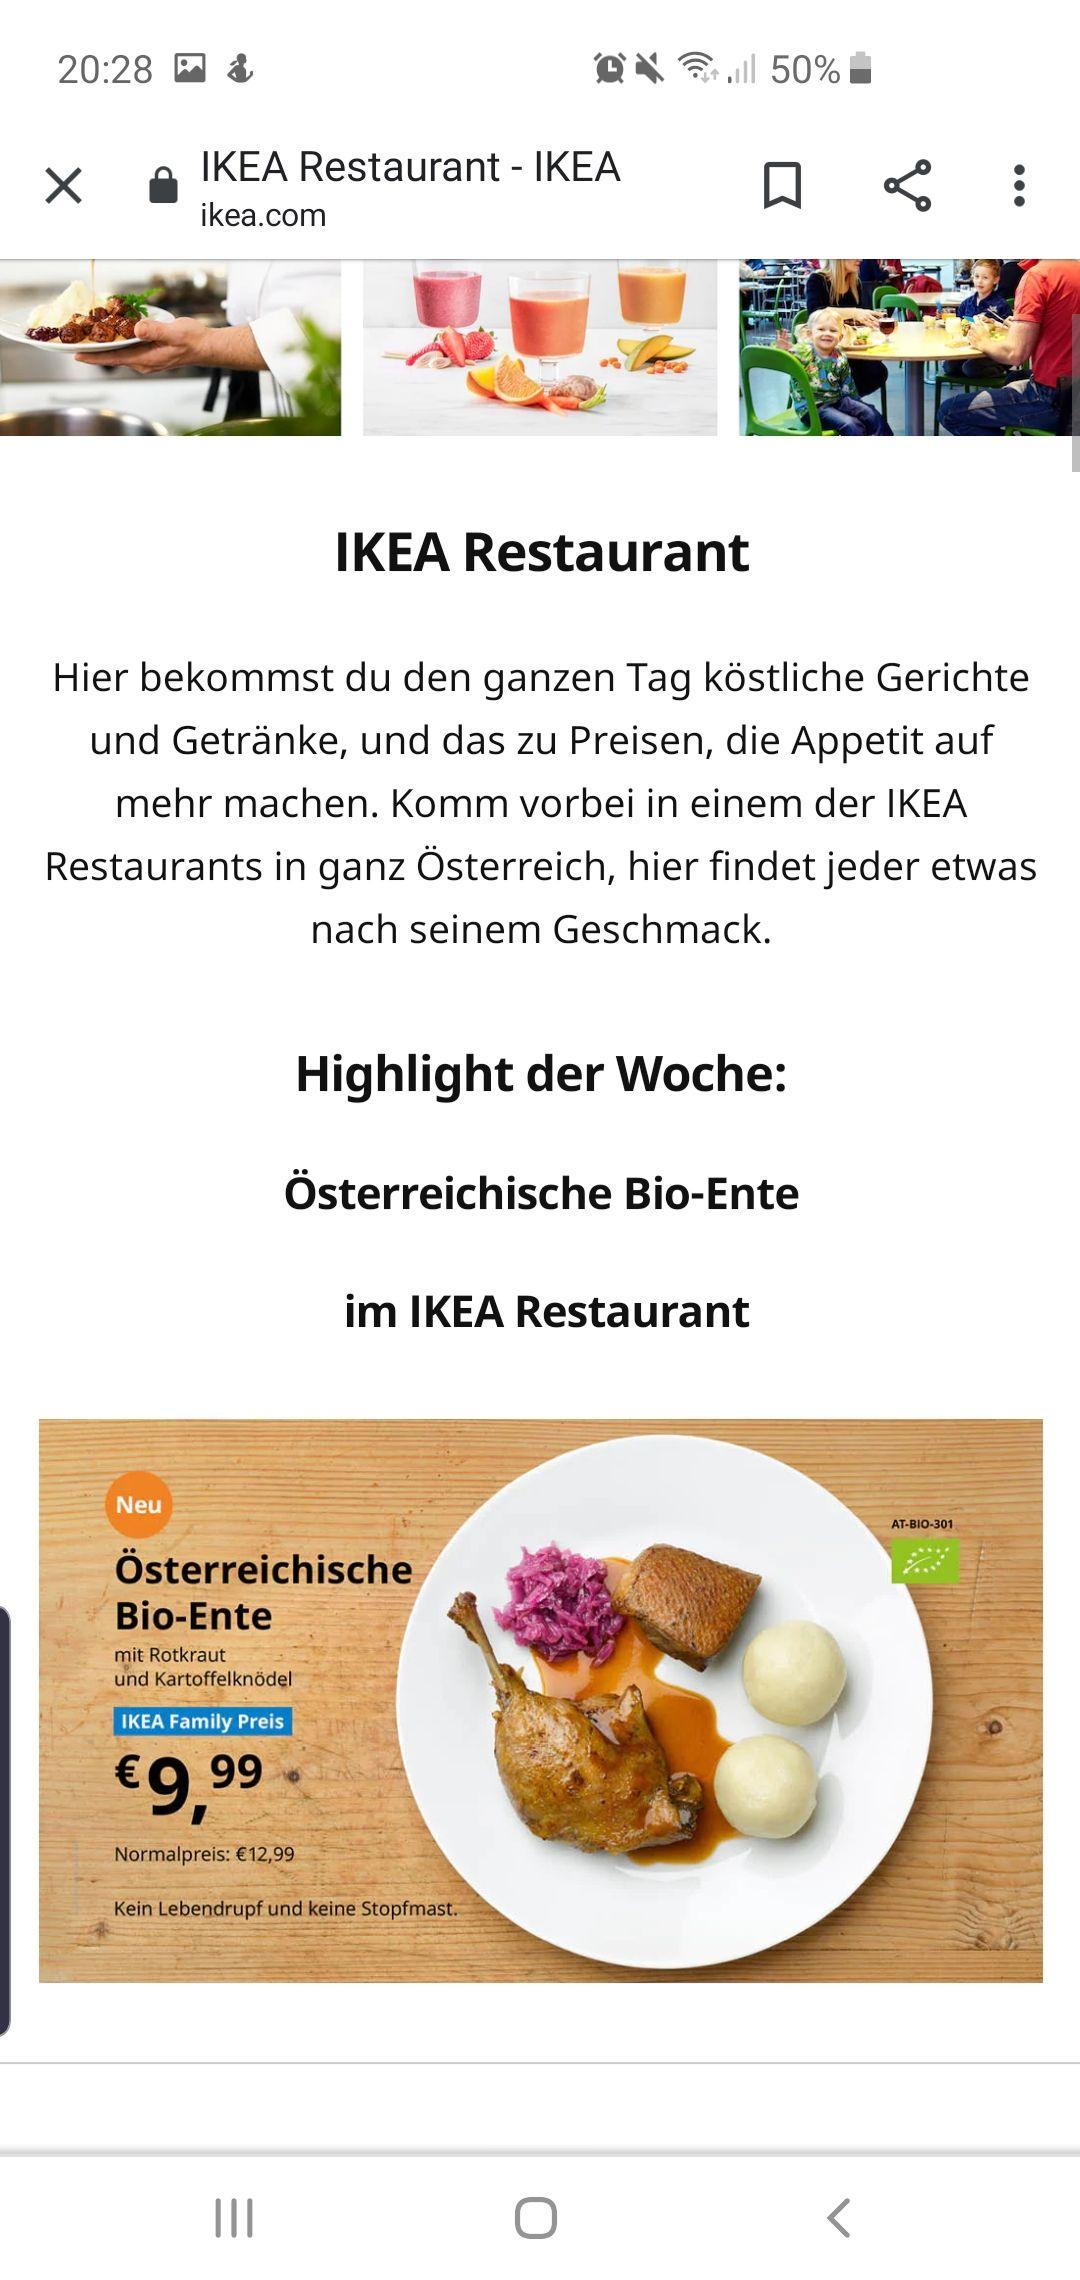 IKEA Family Preis Österreichische Bio-Ente